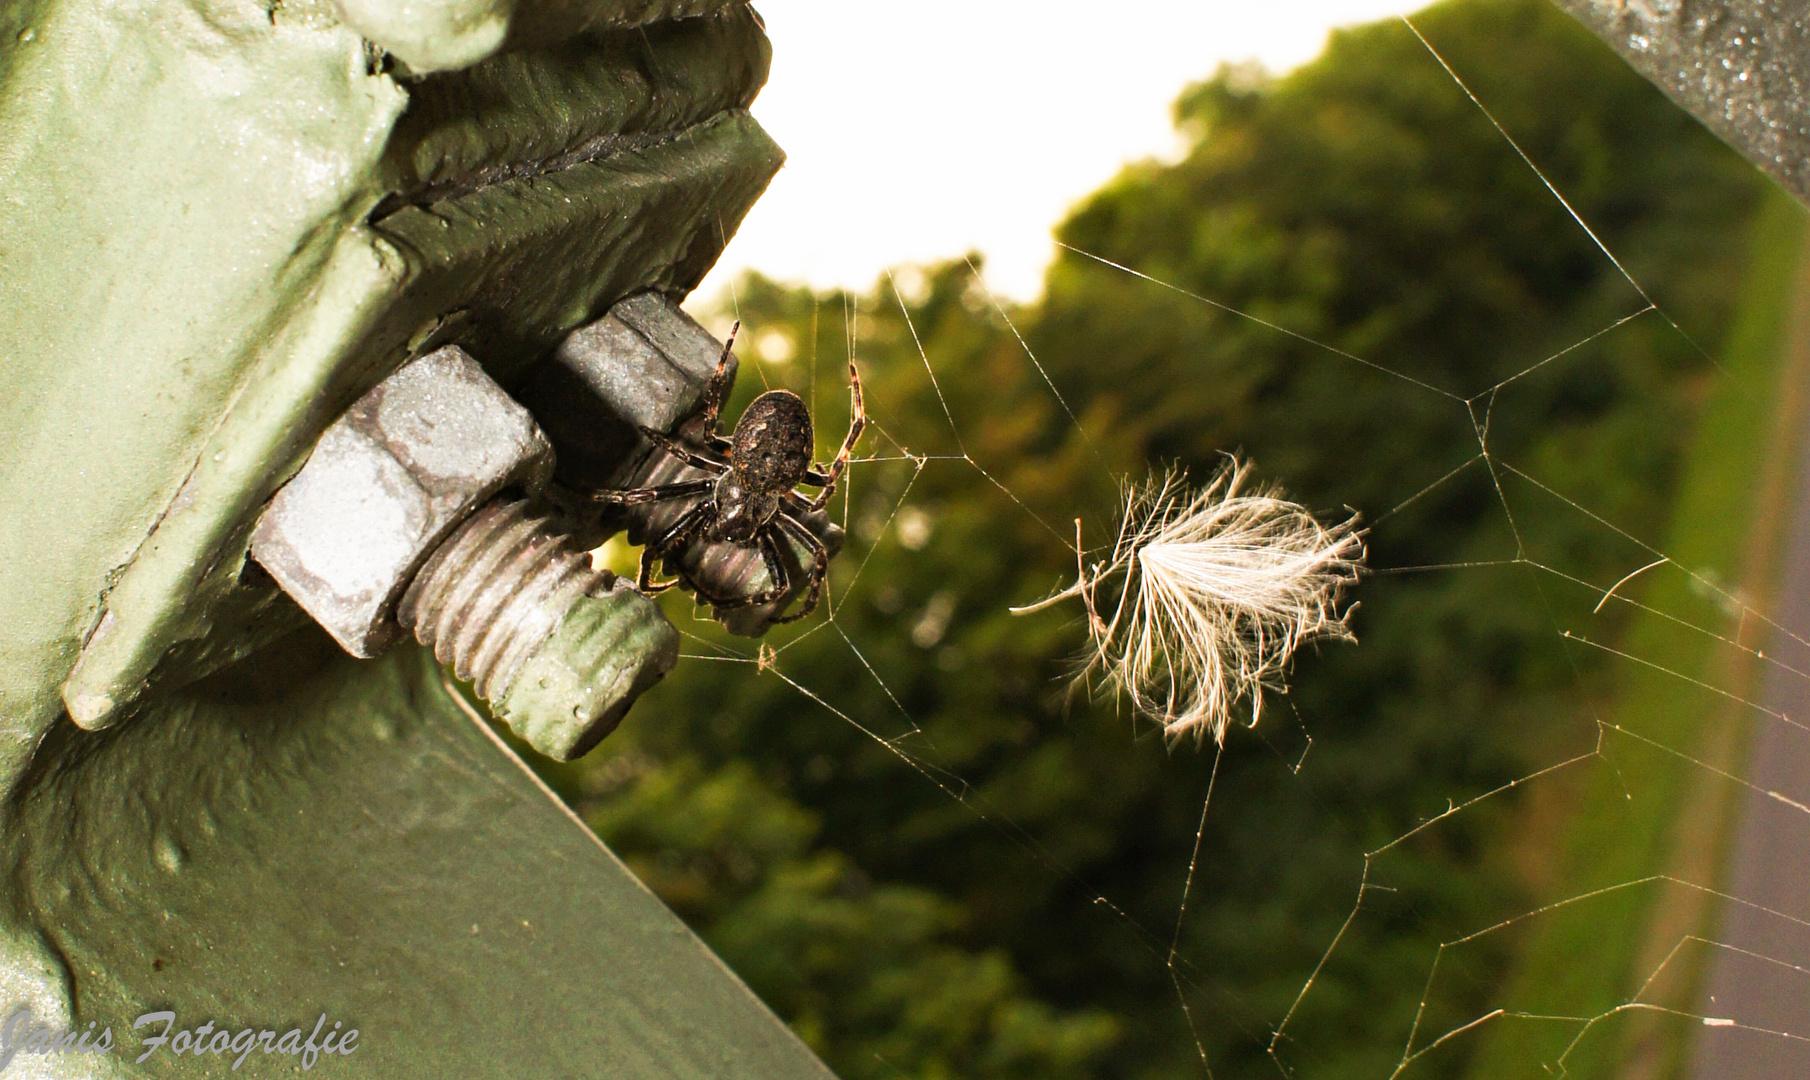 Ein Spinne zu sehen ist nicht das Problem. Es wird erst zu einem Problem, wenn sie plötzlich weg ist